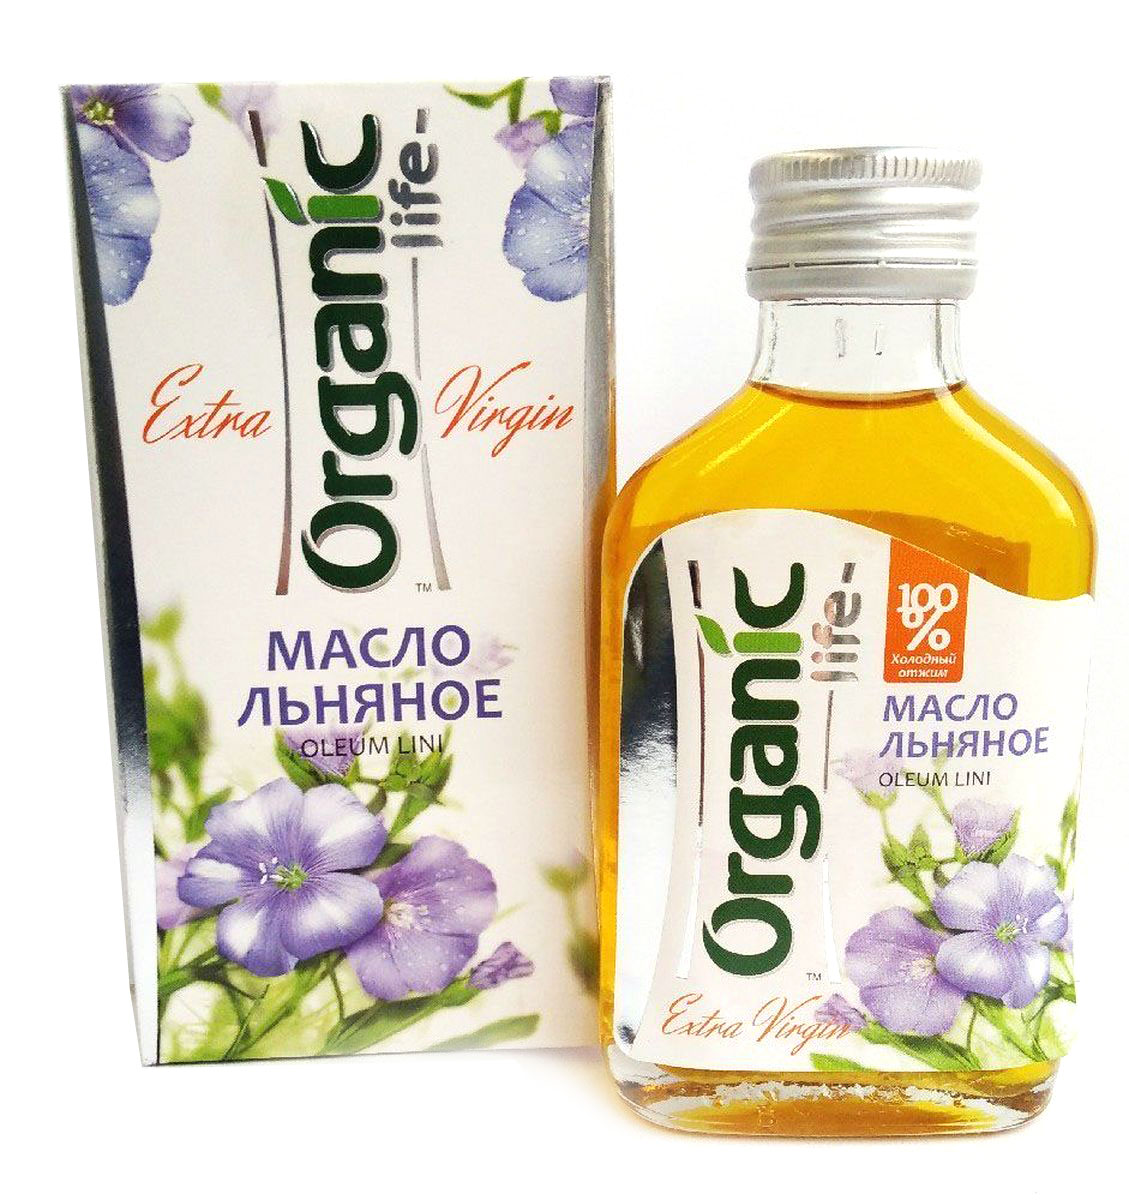 Organic Life масло льняное, 100 мл недорого